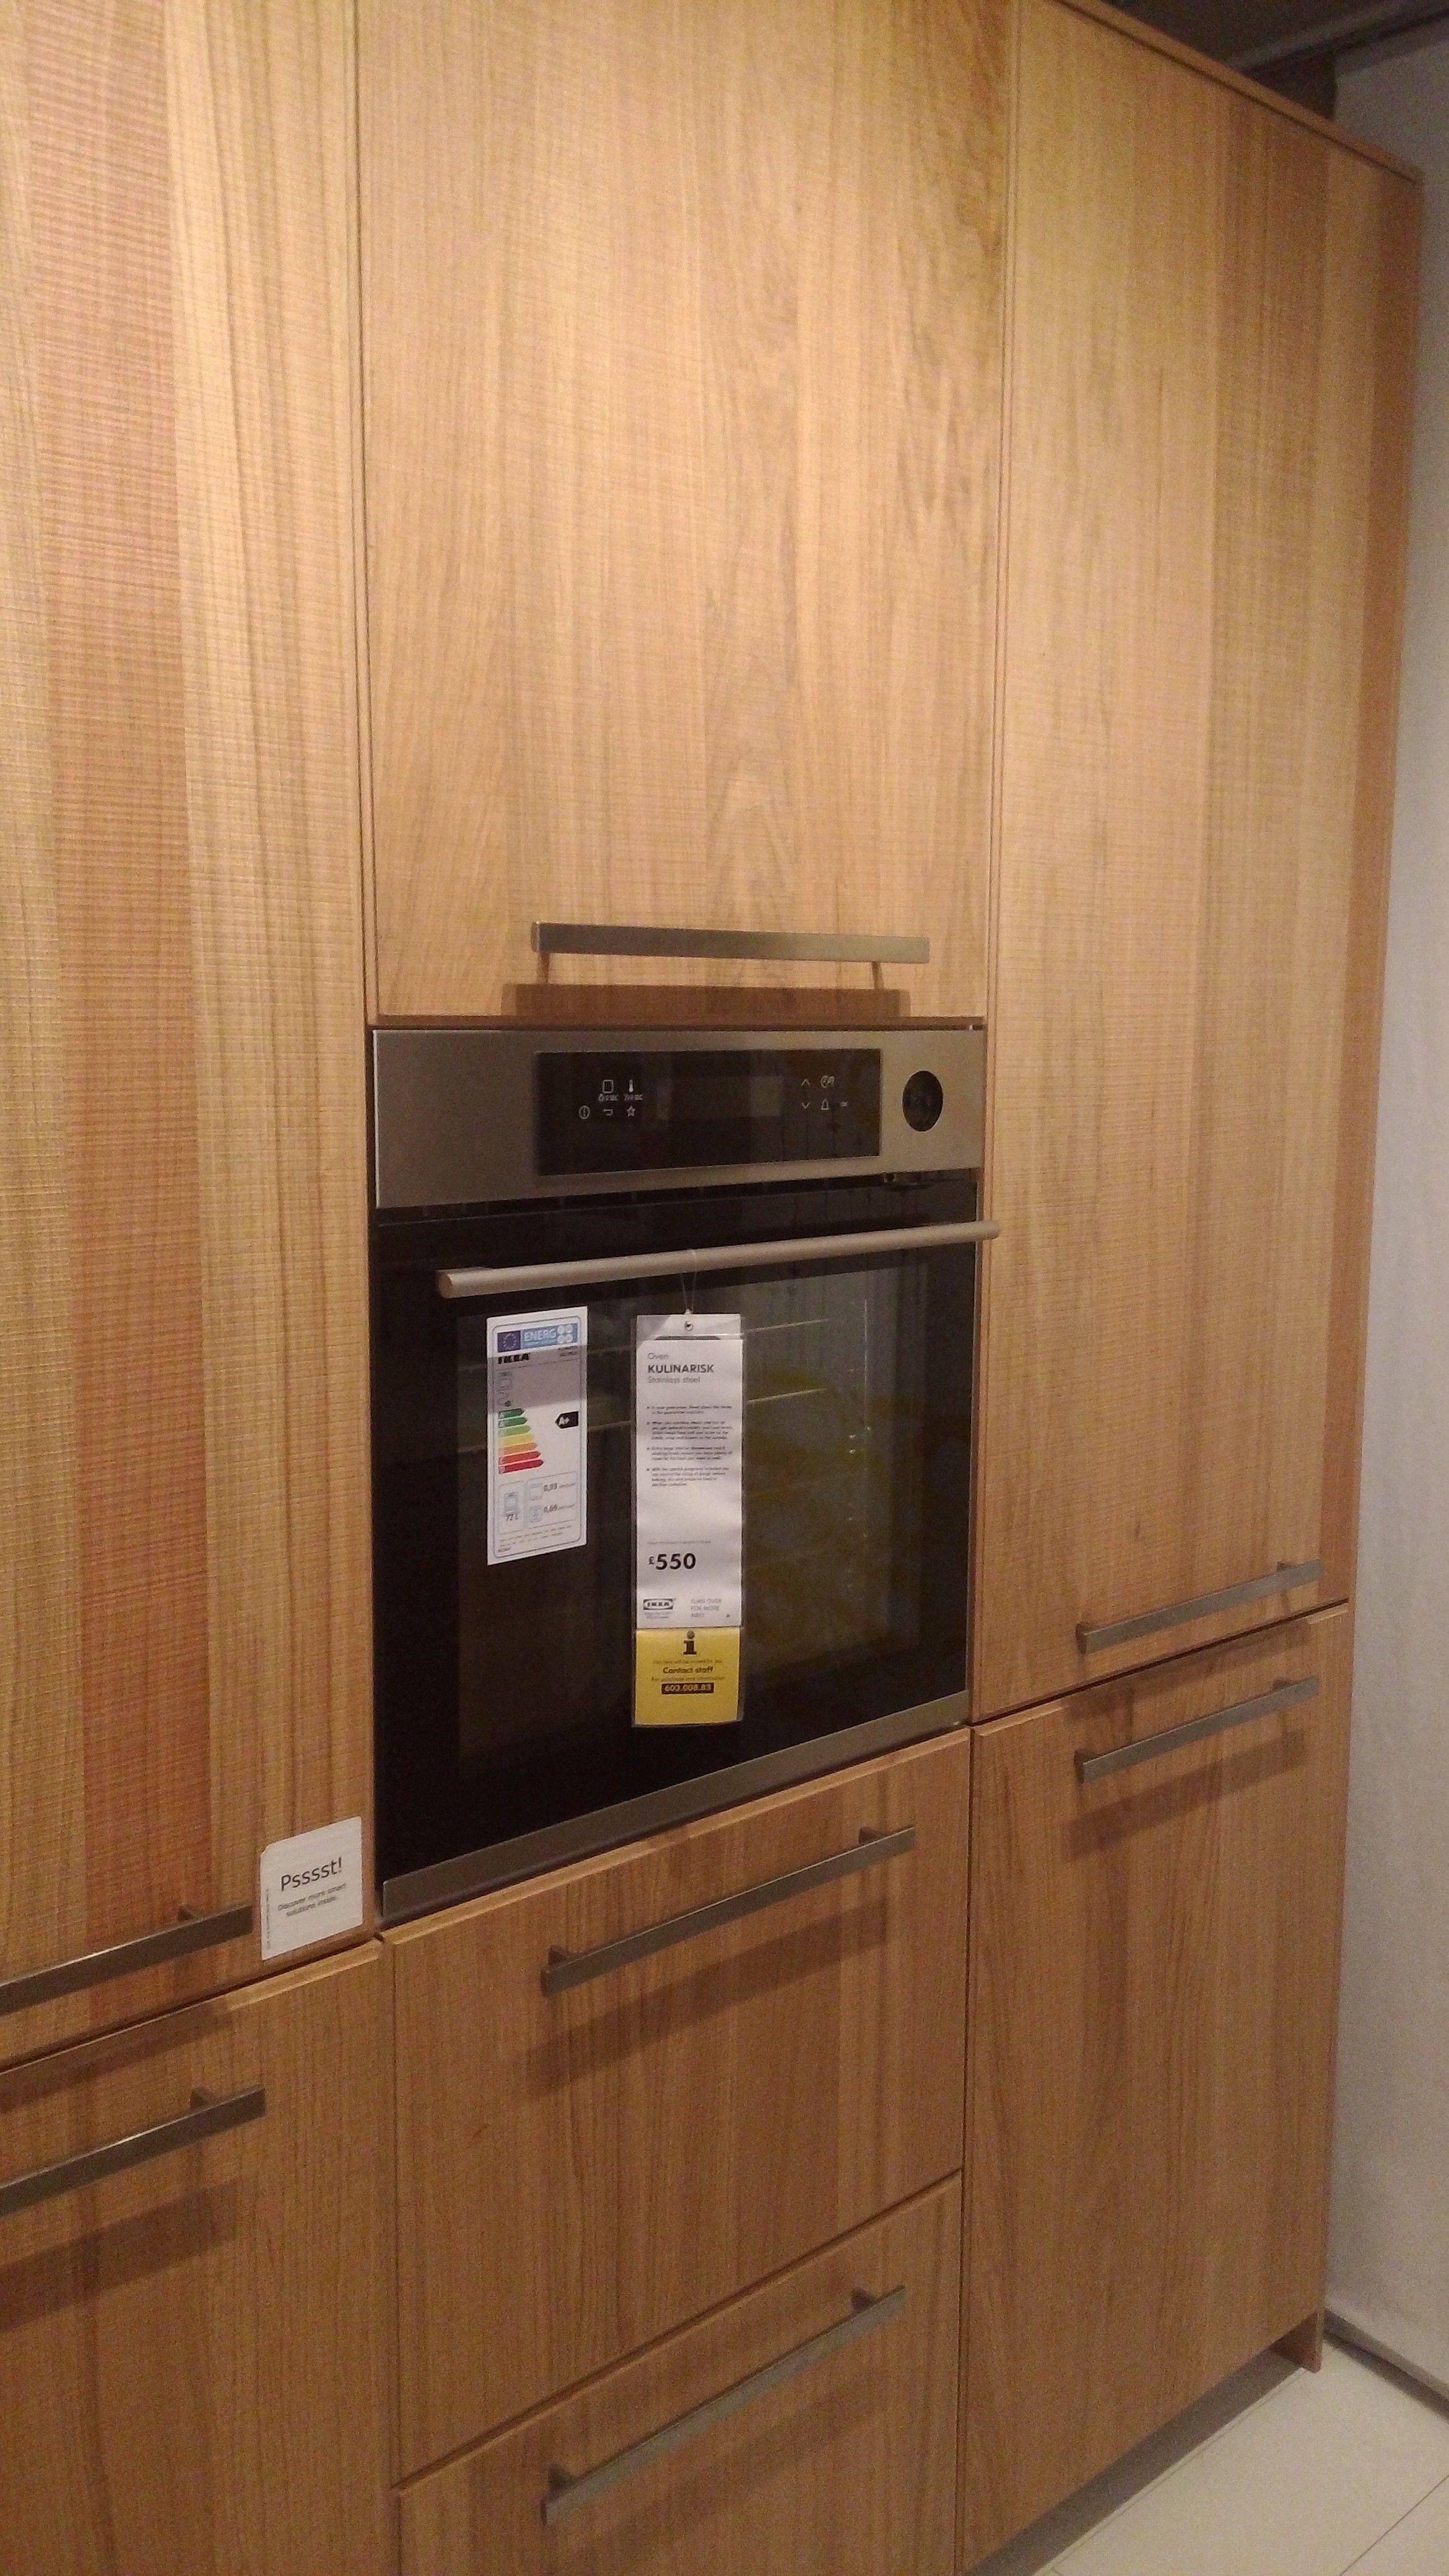 Hyttan ikea keuken pinterest kitchens kitchen - Cuisine ikea hyttan ...